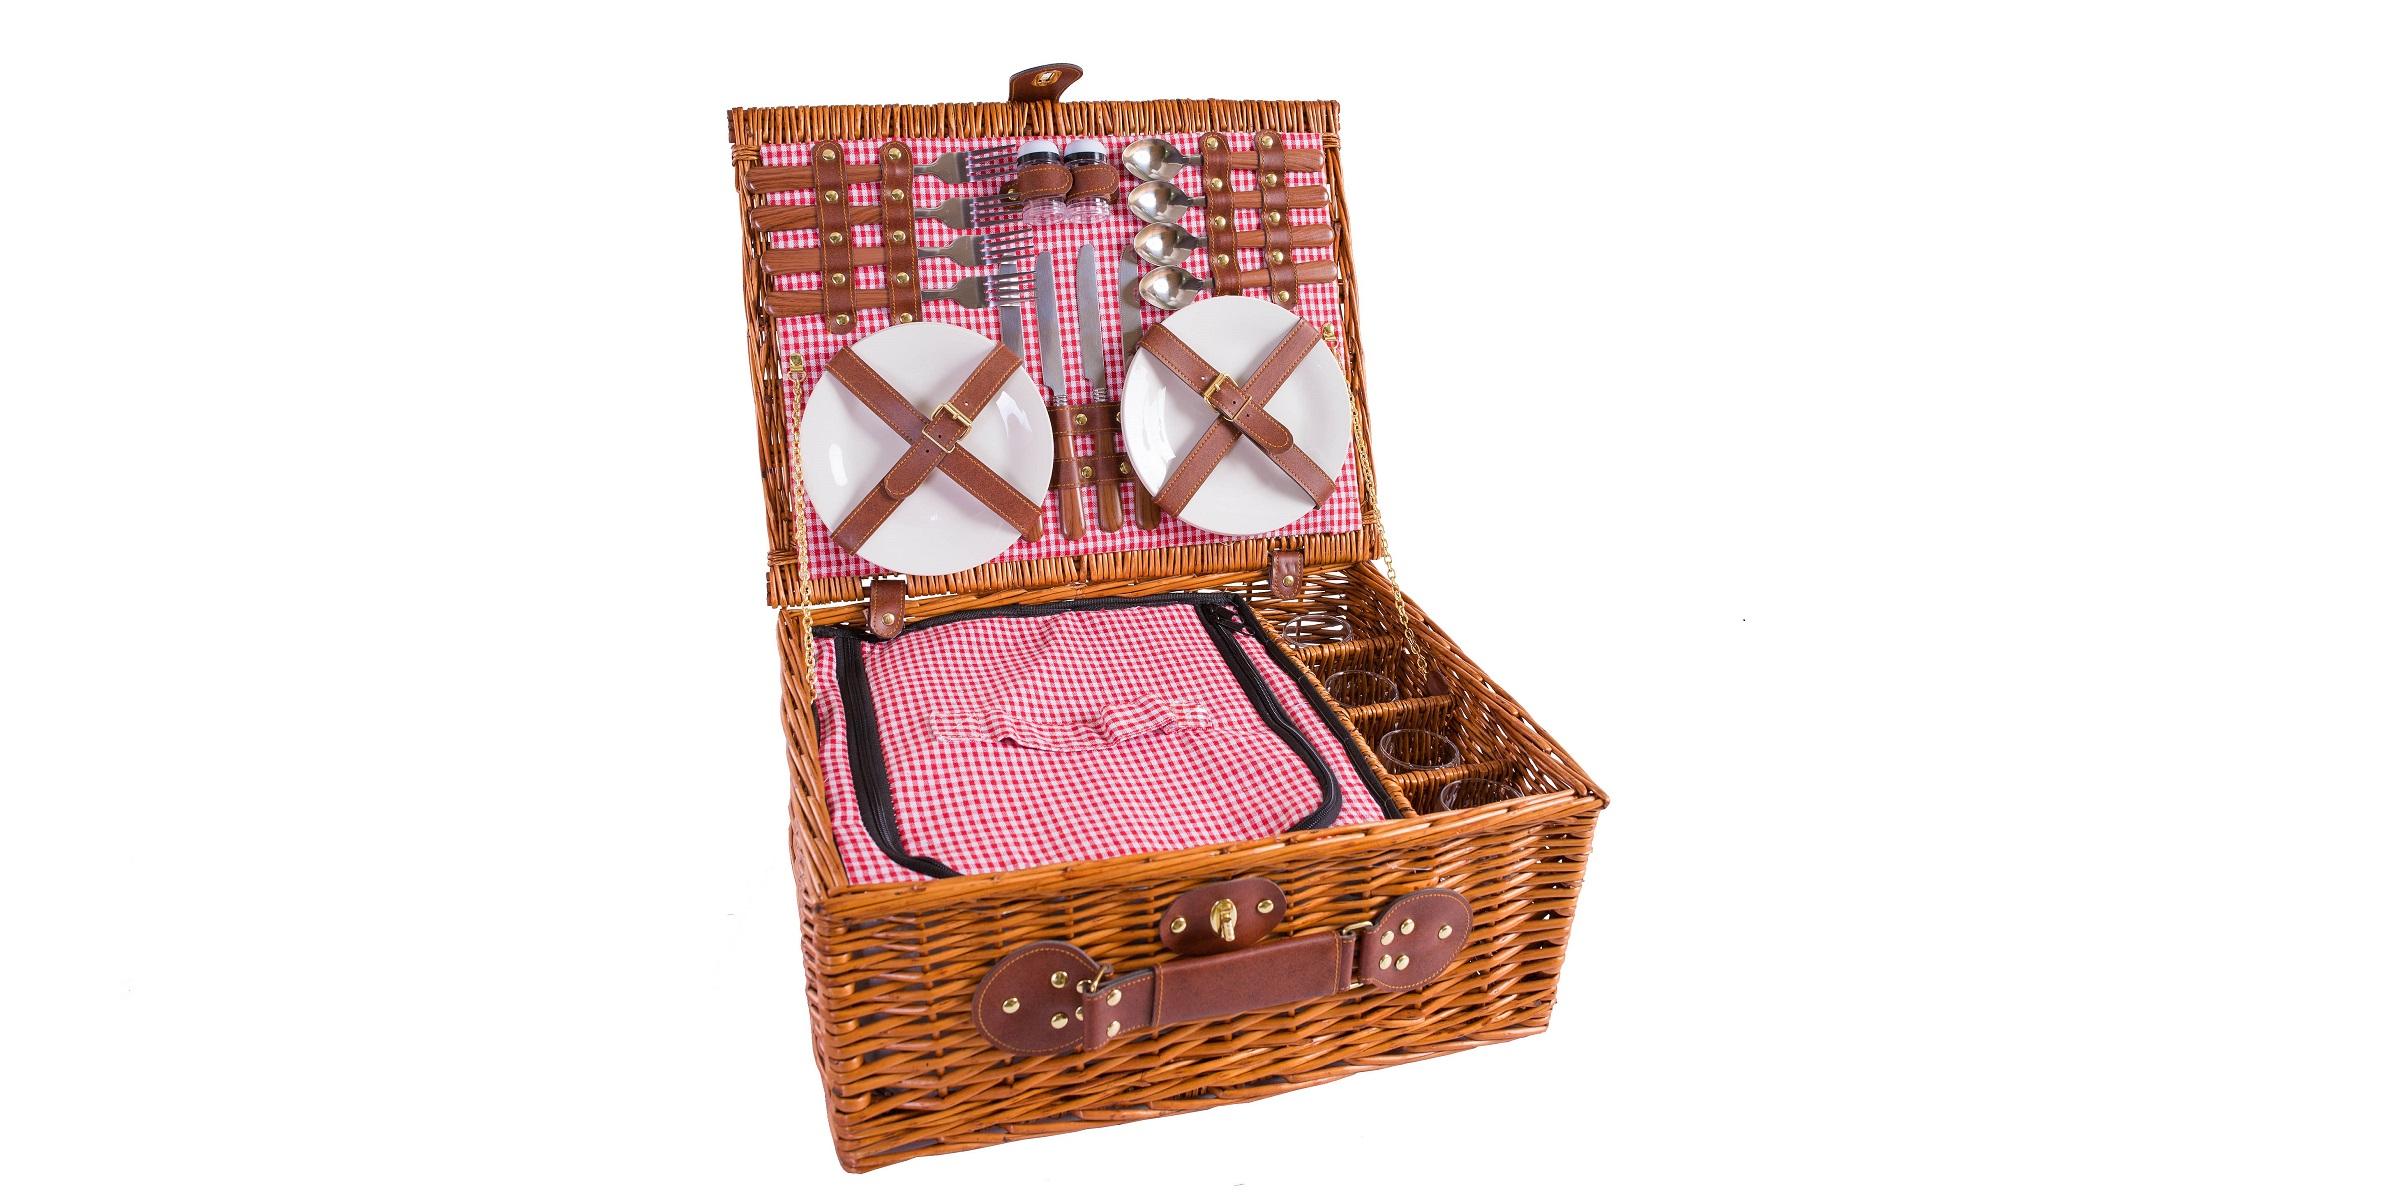 Picknickkorb für 2 oder 4 Personen